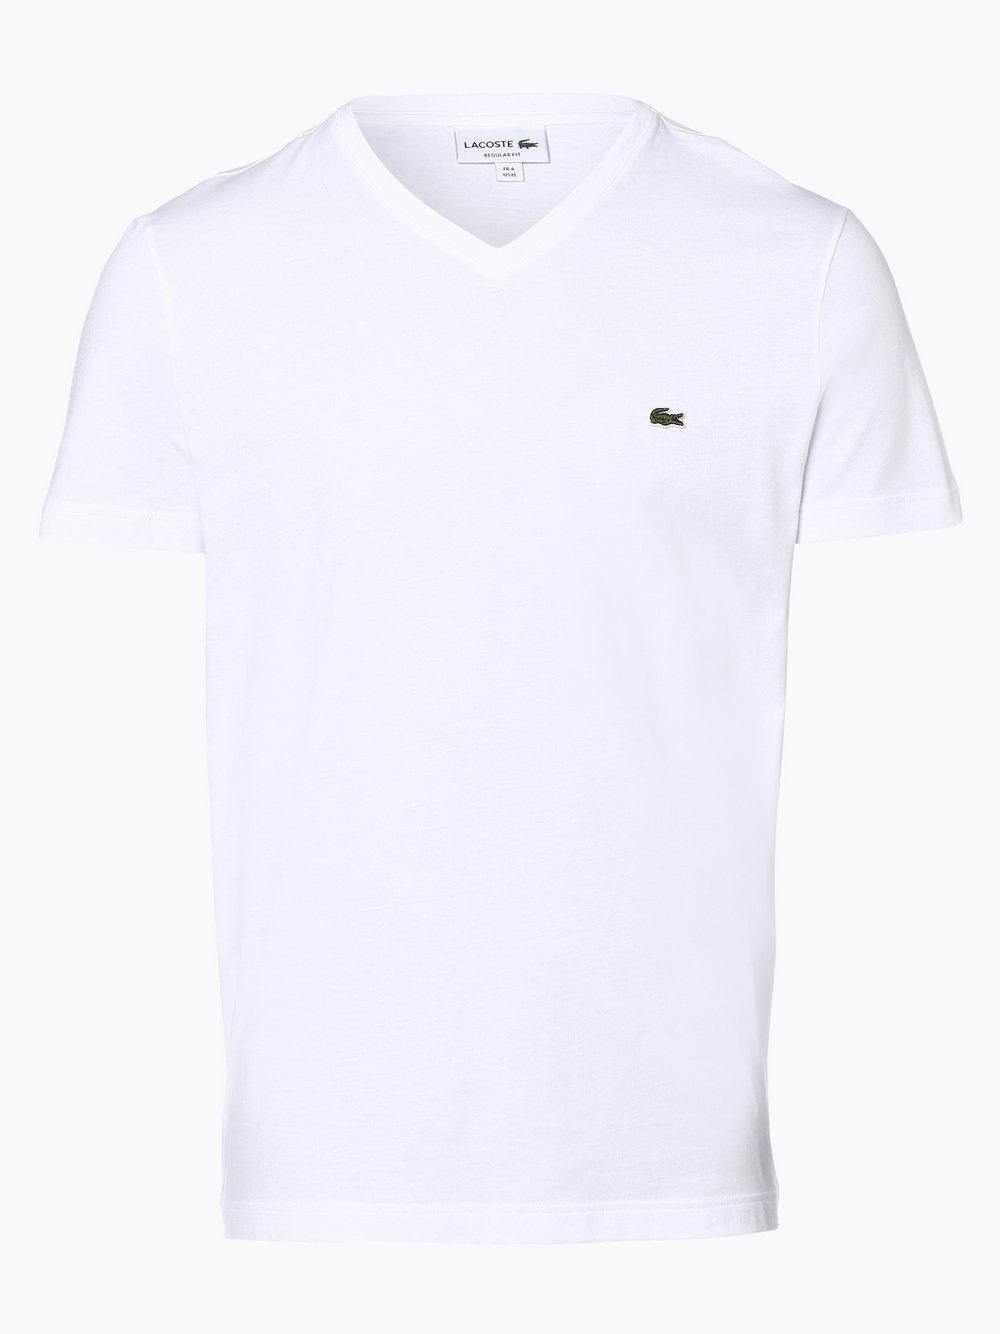 Lacoste - T-shirt męski, biały